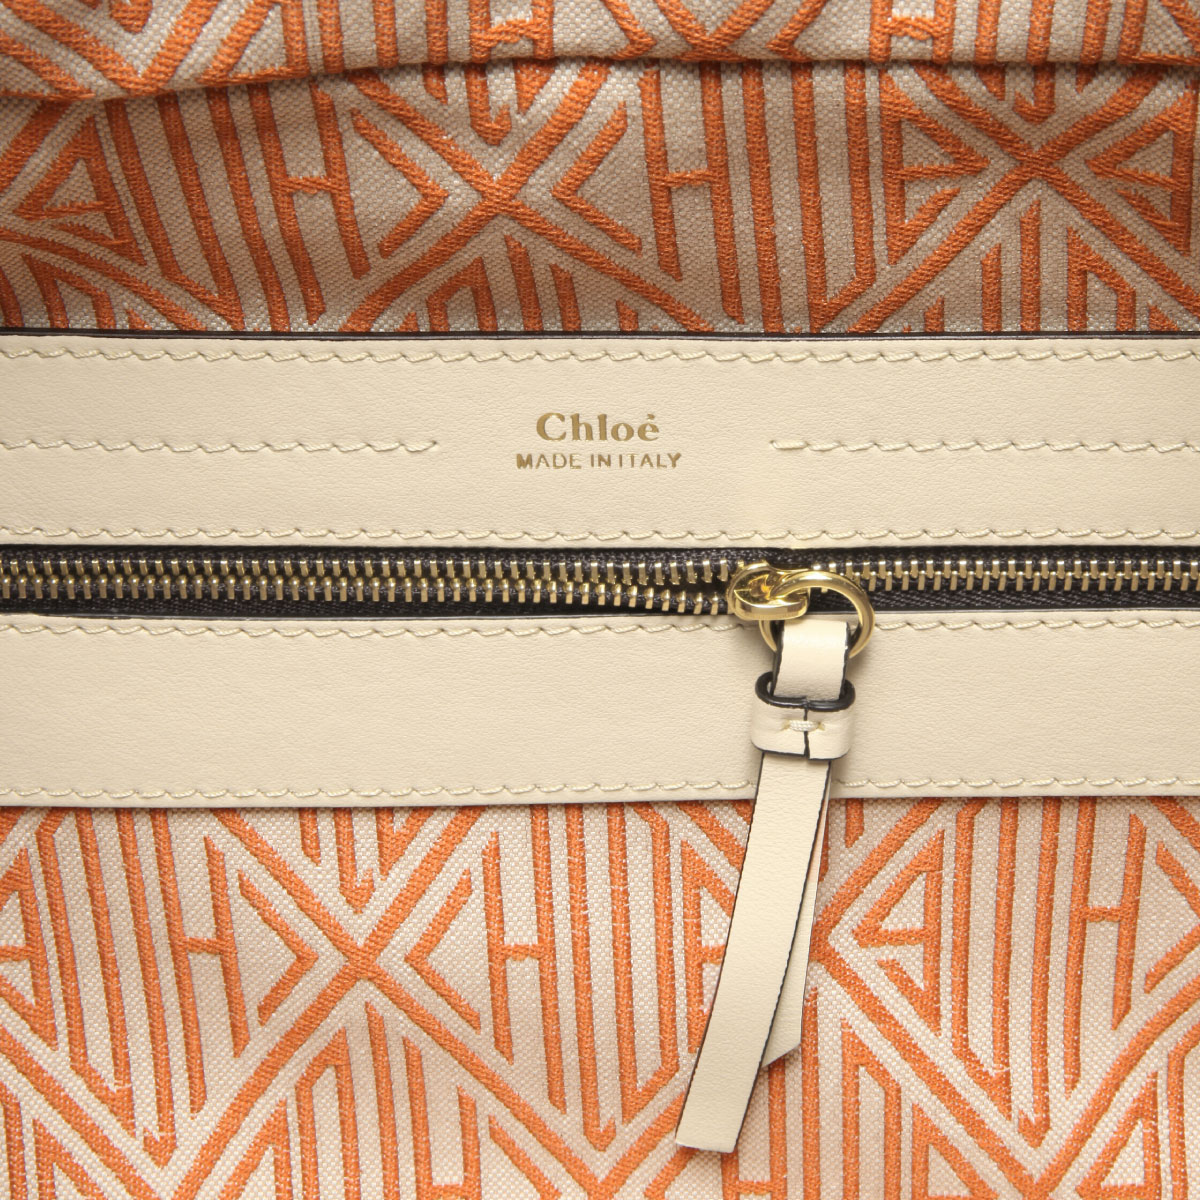 CHLOE クロエ | ショルダー付 ハンドバッグ ミディアム | DARIA ダリア